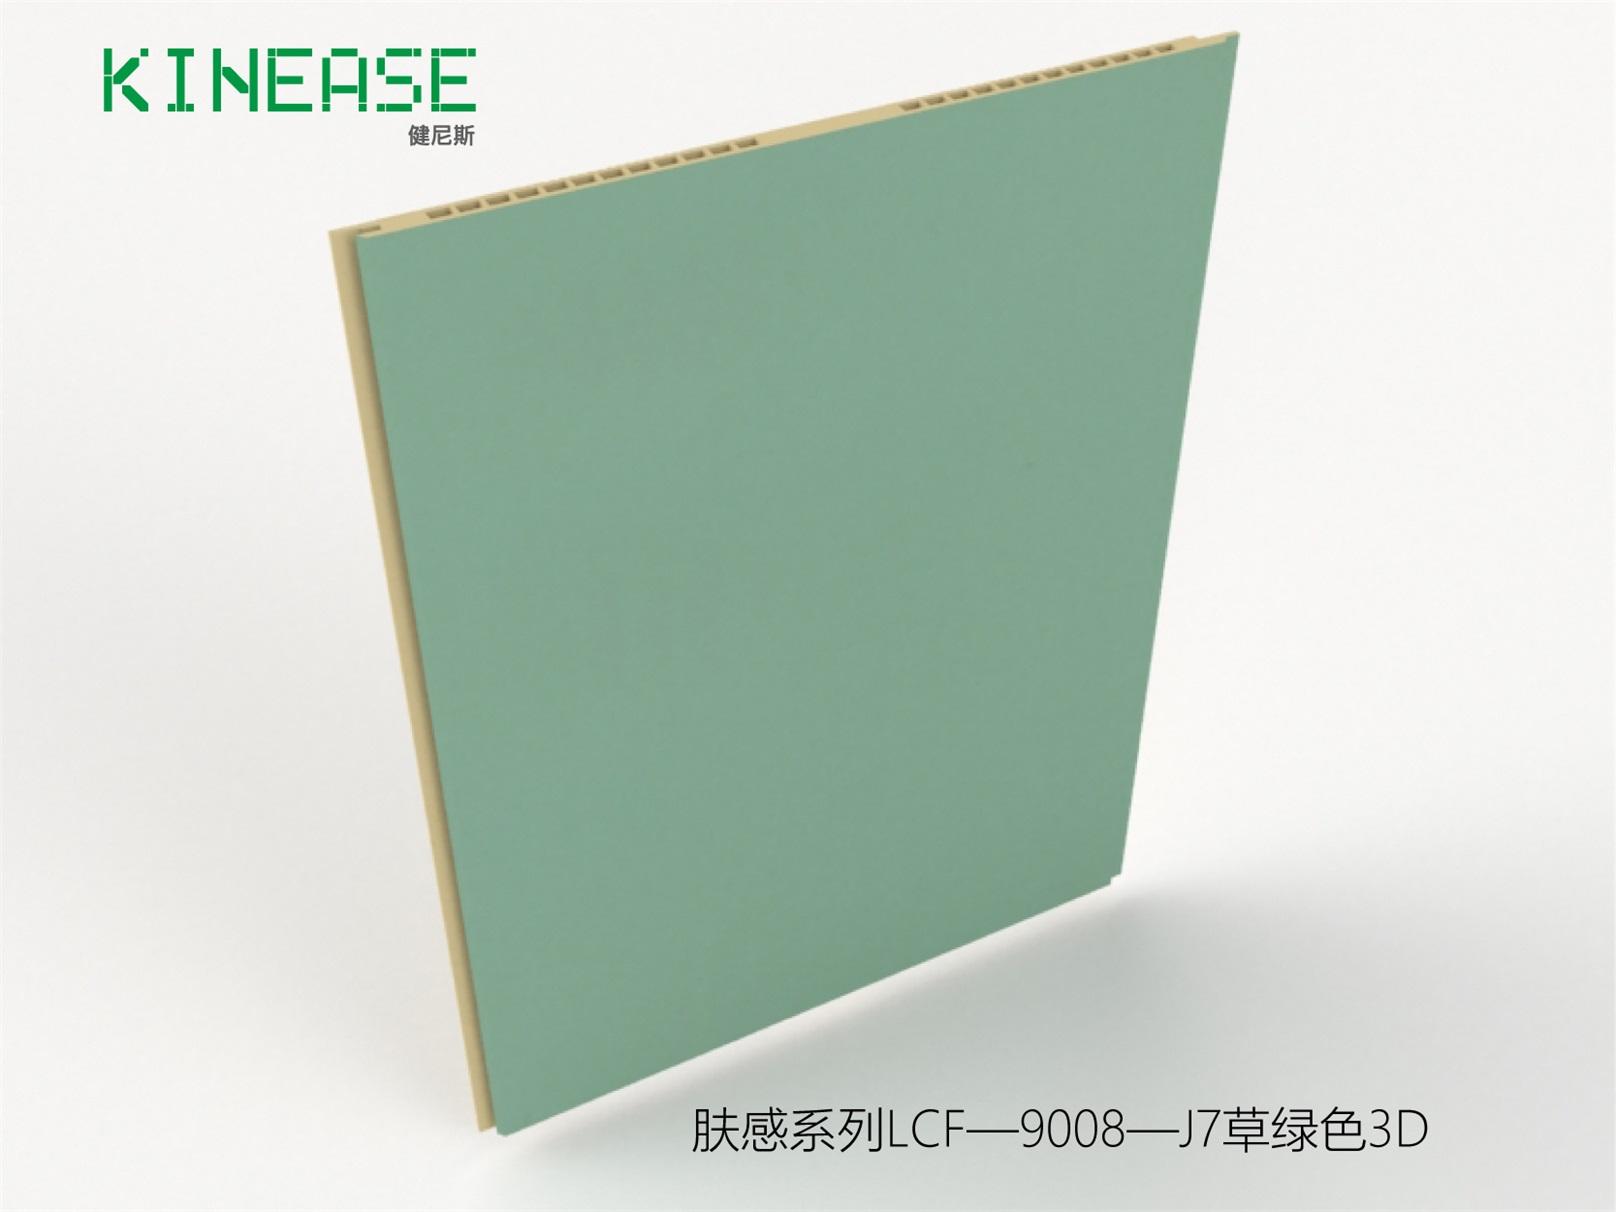 肤感系列LCF—9008—J